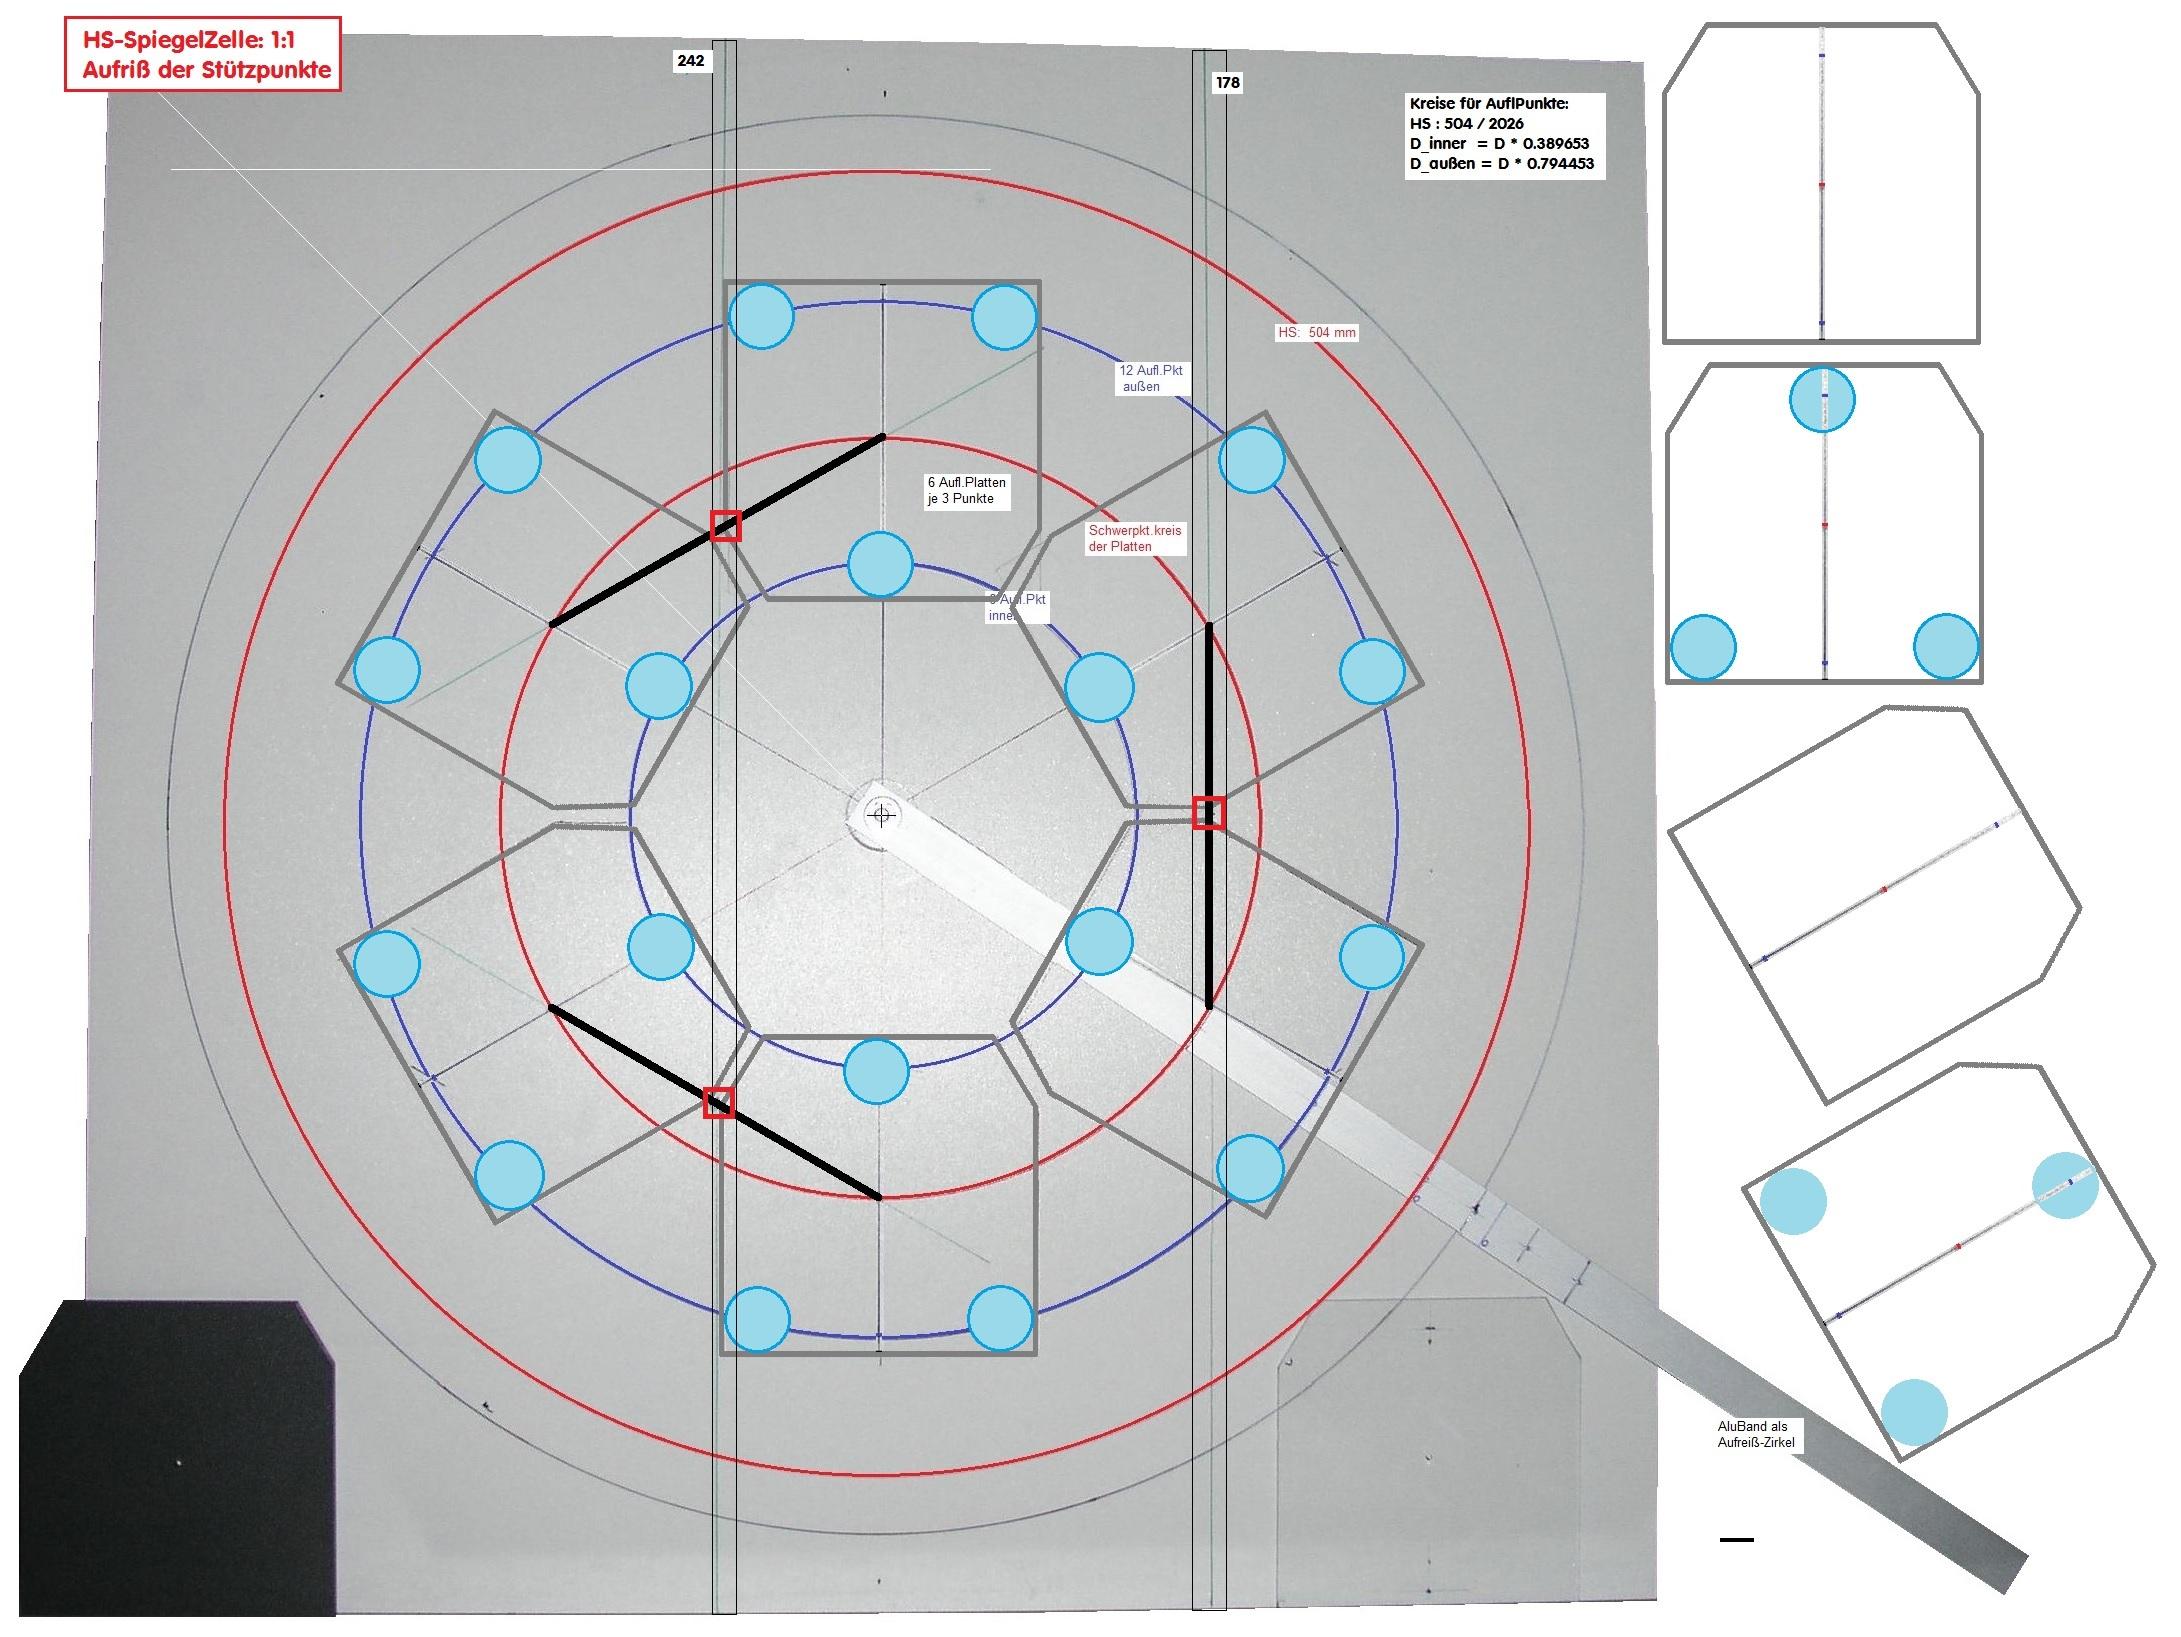 astro c084 hauptspiegel zelle konstruktion und auflagepunkte. Black Bedroom Furniture Sets. Home Design Ideas